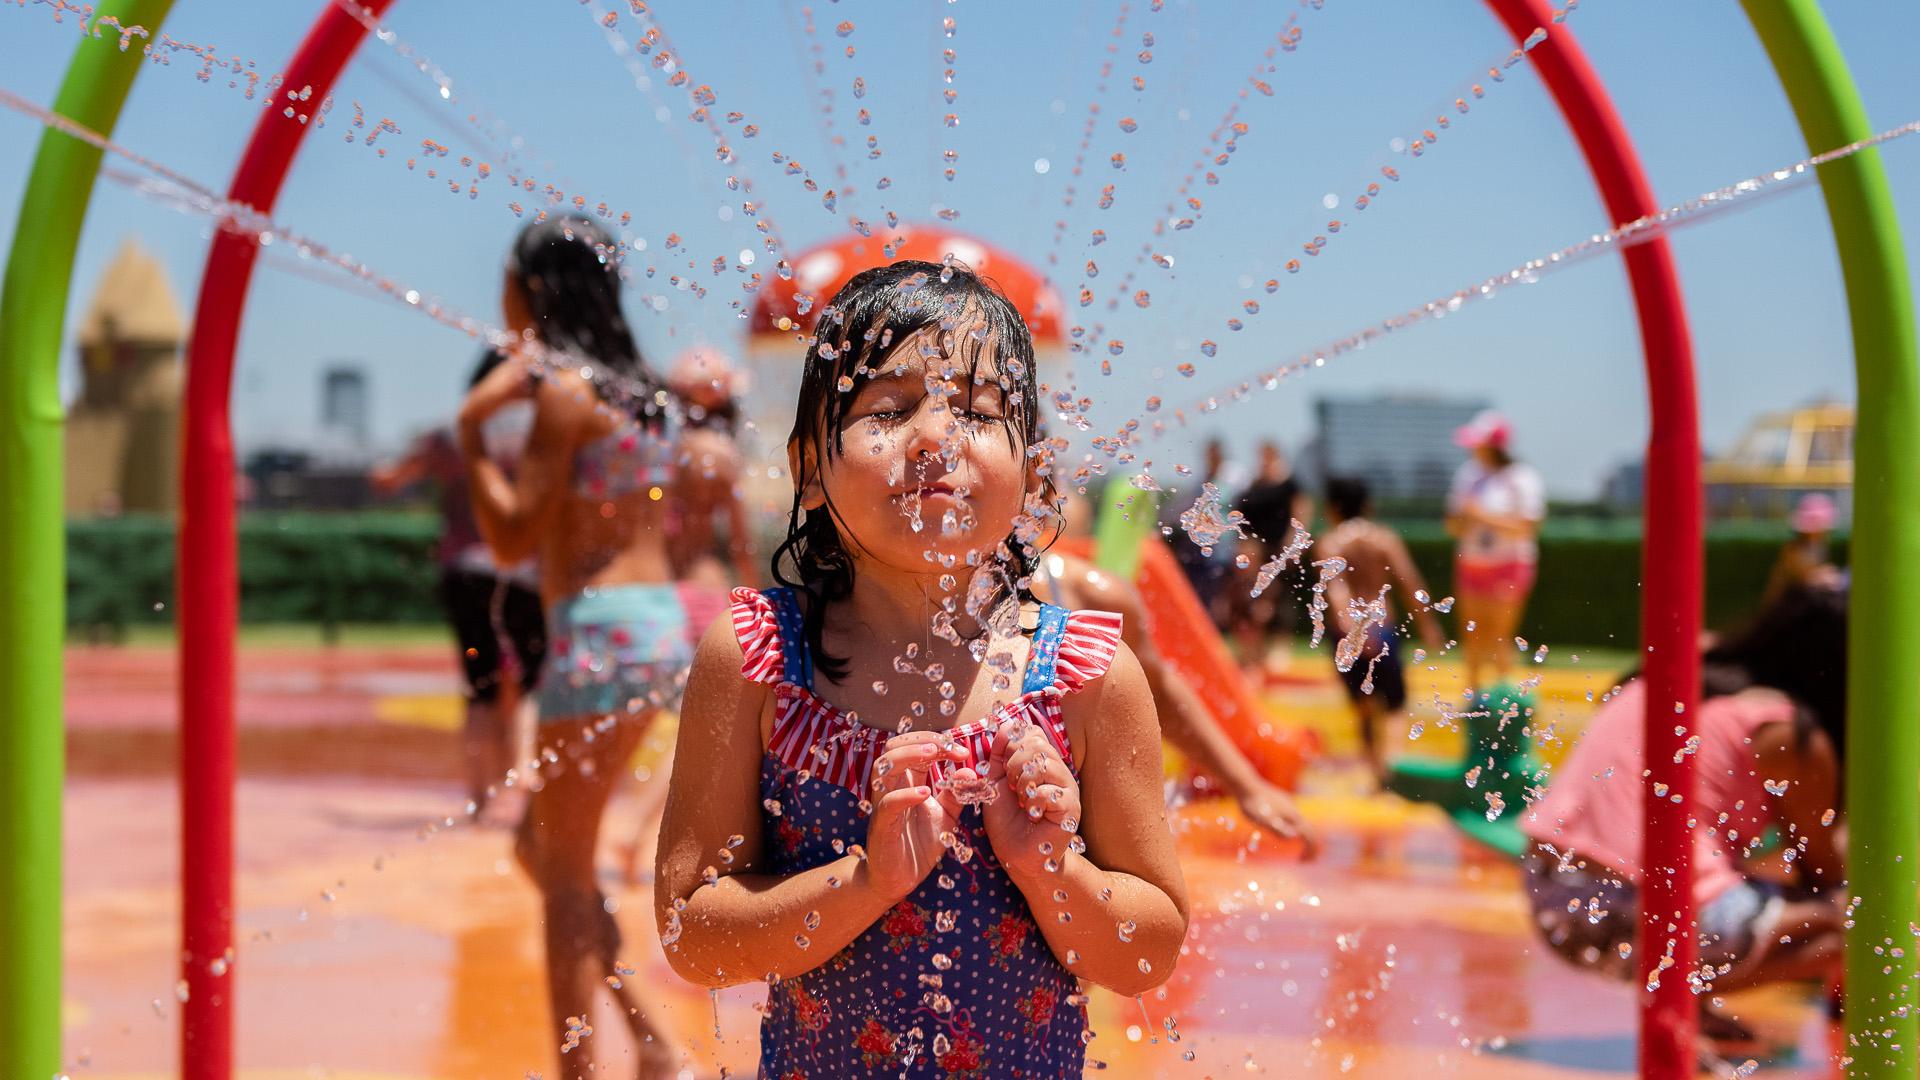 La playa posee juegos con agua para que los chicos se refresquen del calor